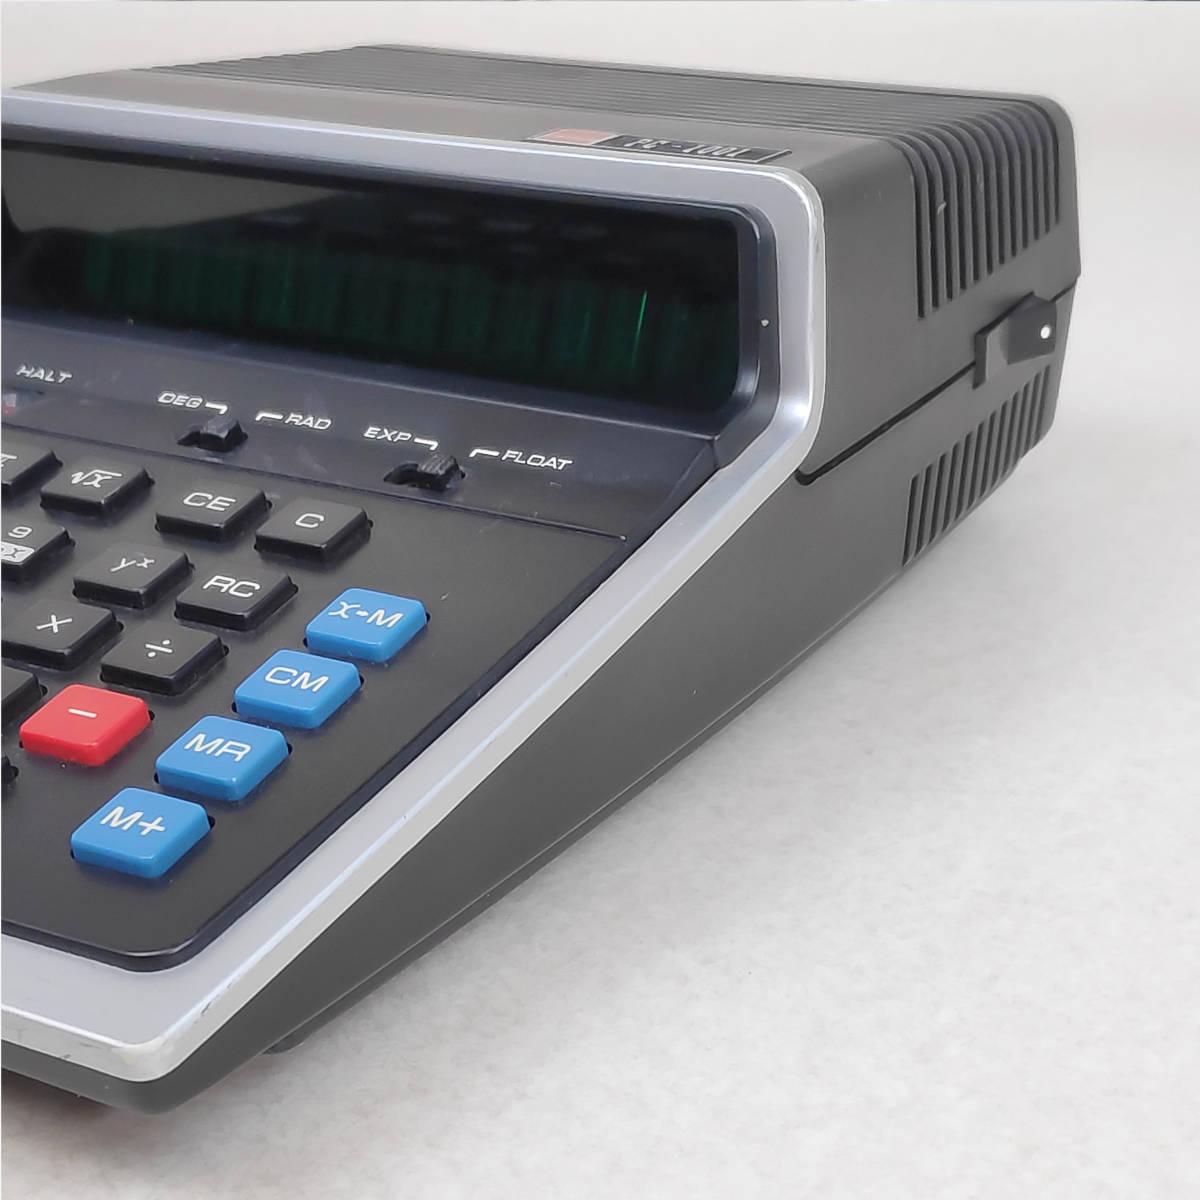 SHARP 電卓 PC-1001 ジャンク 06179_画像5